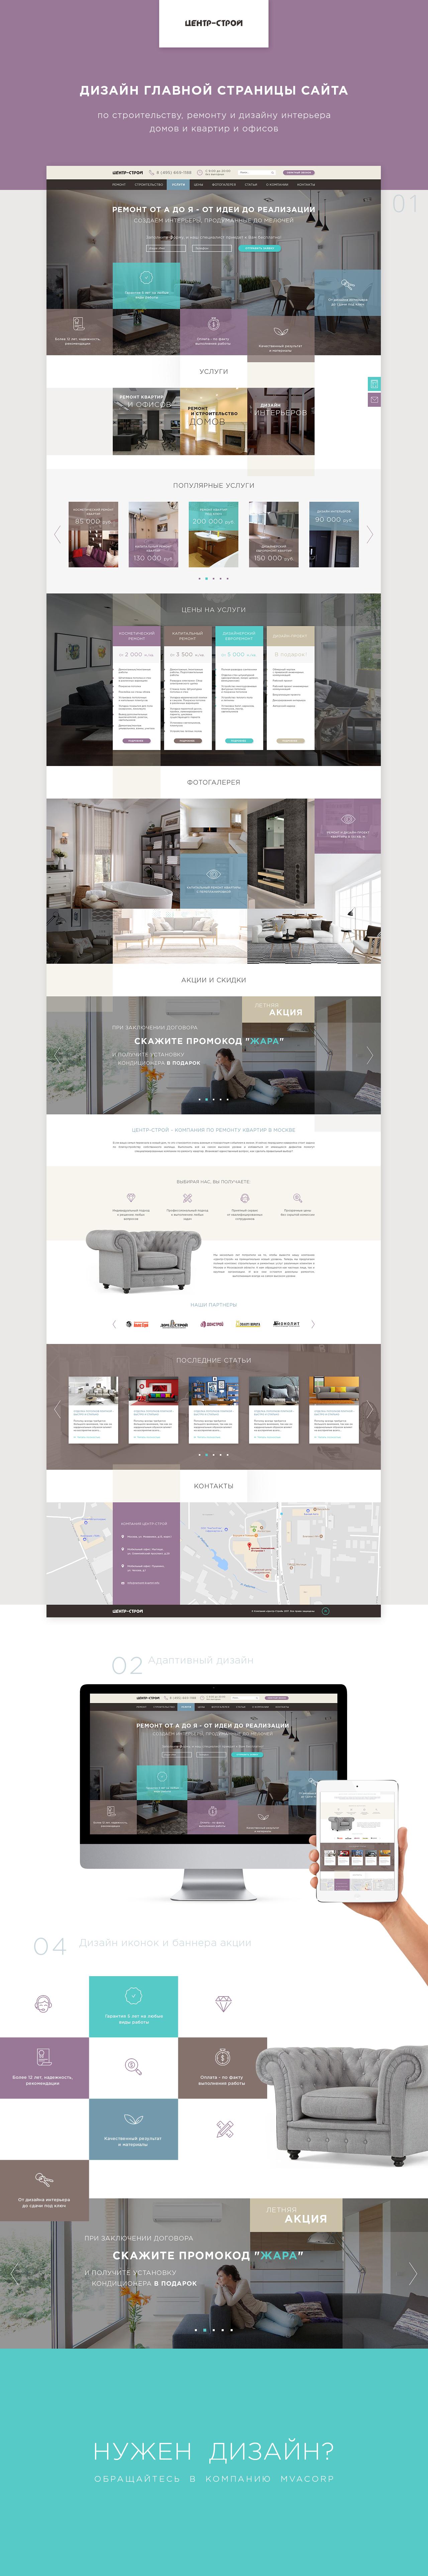 Дизайн главной страницы сайта ремонтной компании Центр-Строй